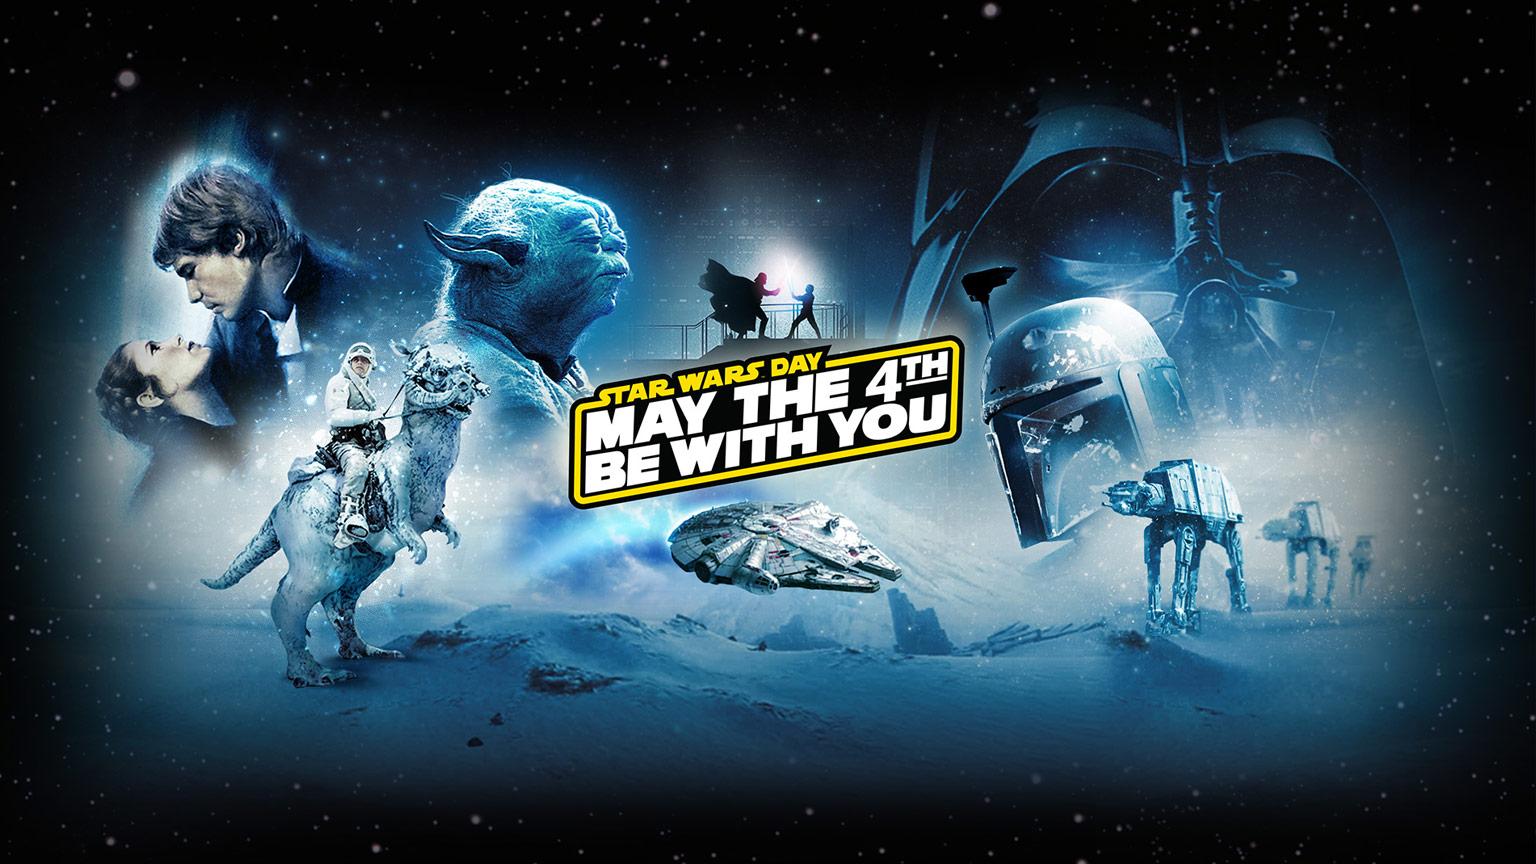 O que é o Star Wars Day?